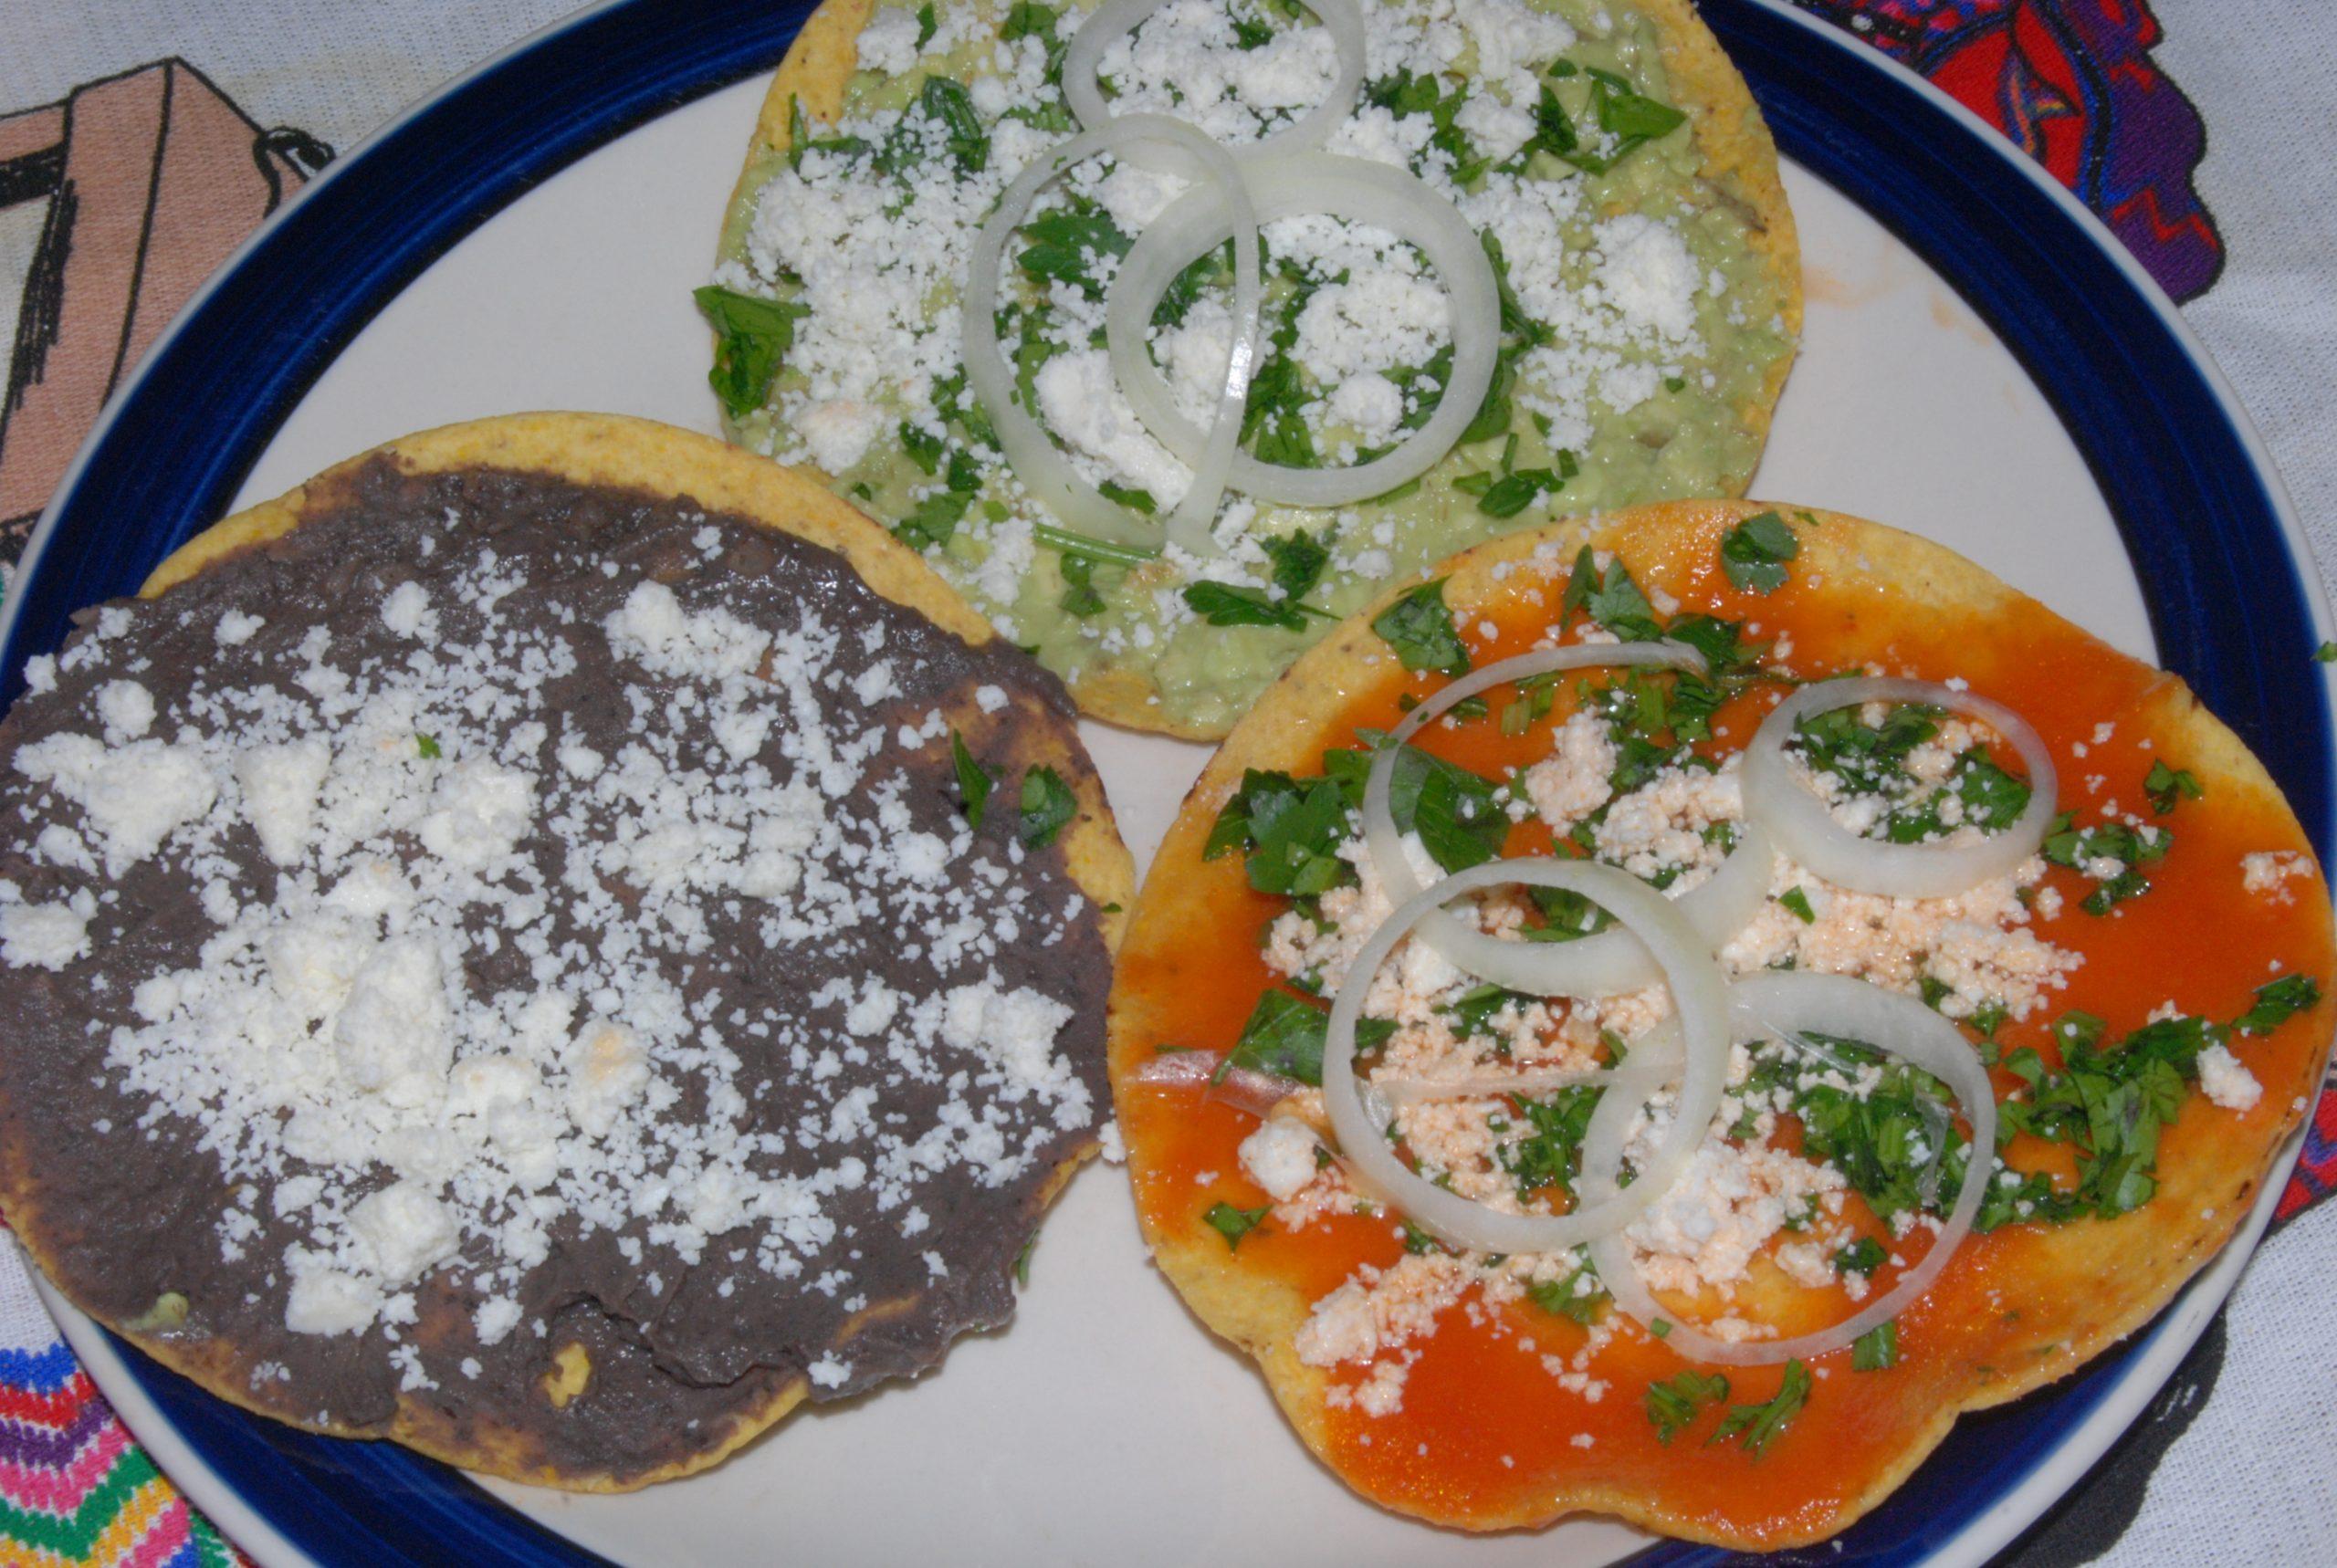 vegetarian food in Guatemala, vegan food in guatemala, vegetarian dishes in Guatemala,  Guatemalan vegetarian dishes, Tostadas Food in Guatemala